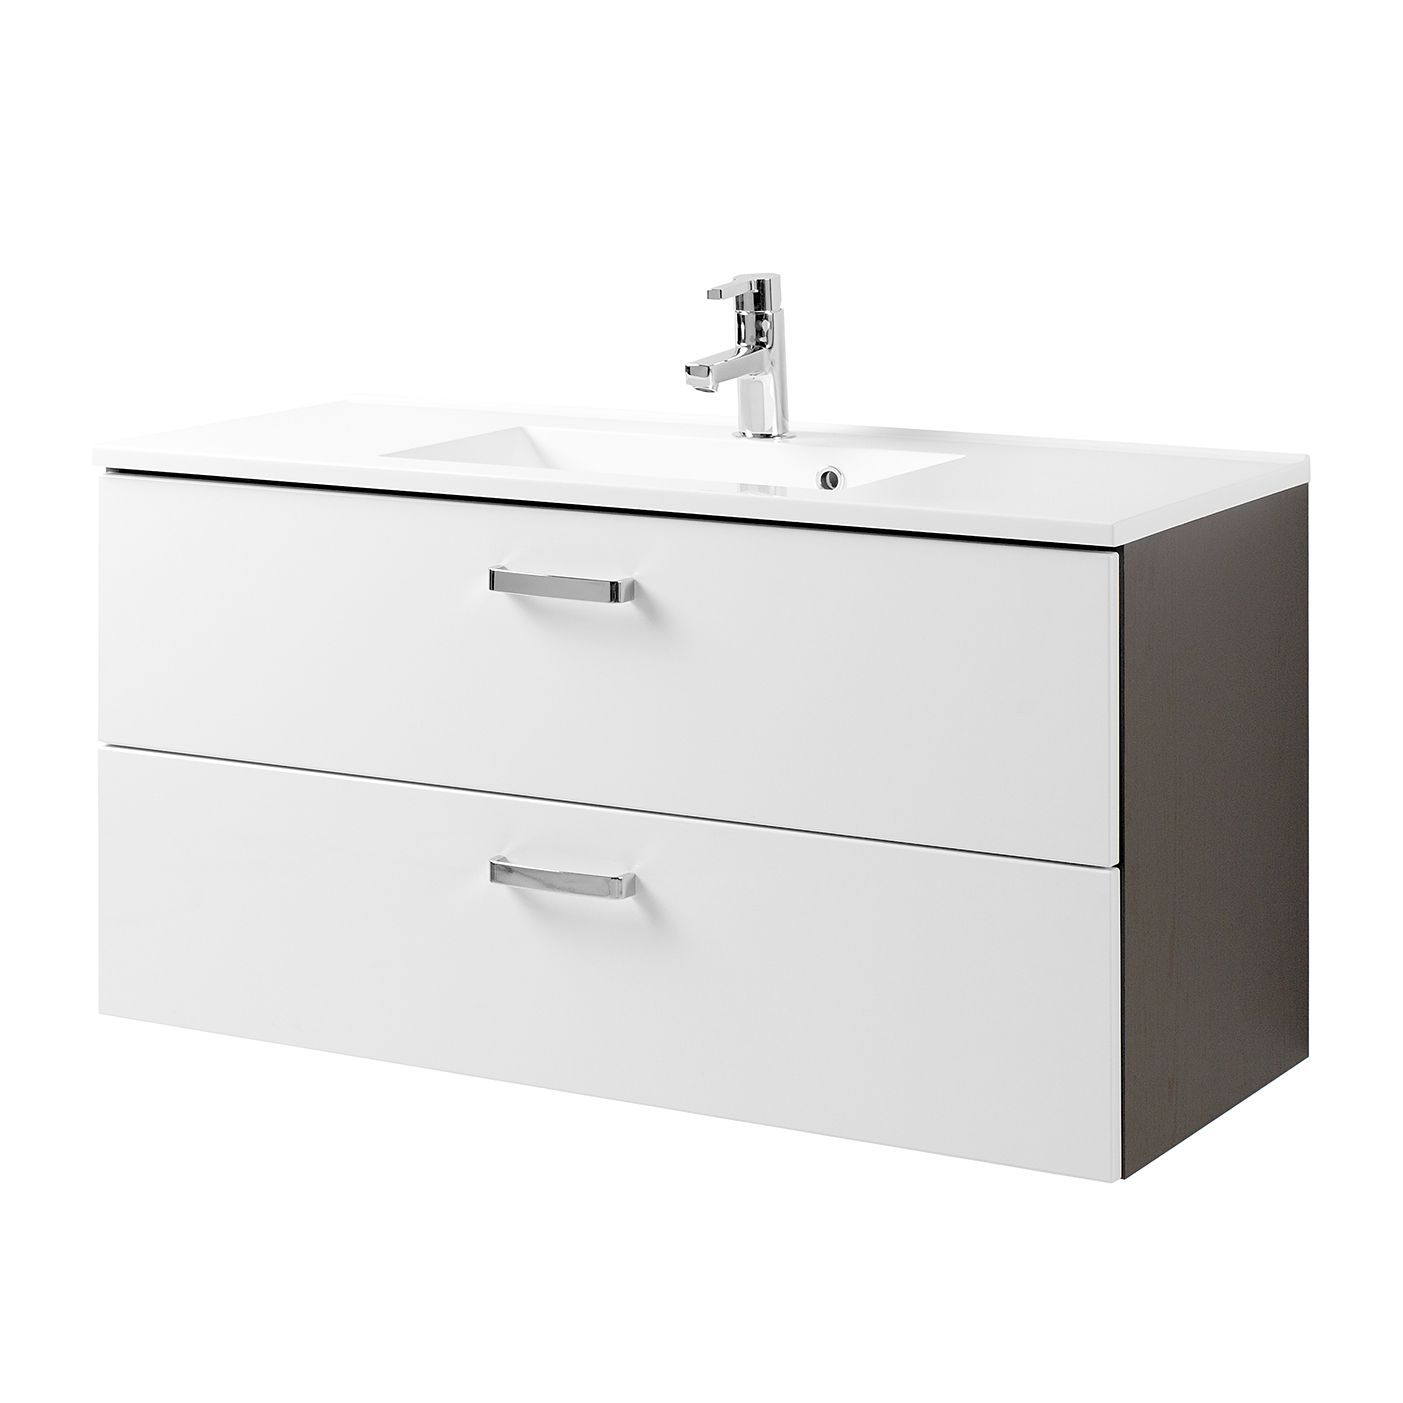 Waschtisch Zeehan - Weiß / Grau - 100 cm, Giessbach Jetzt bestellen ...